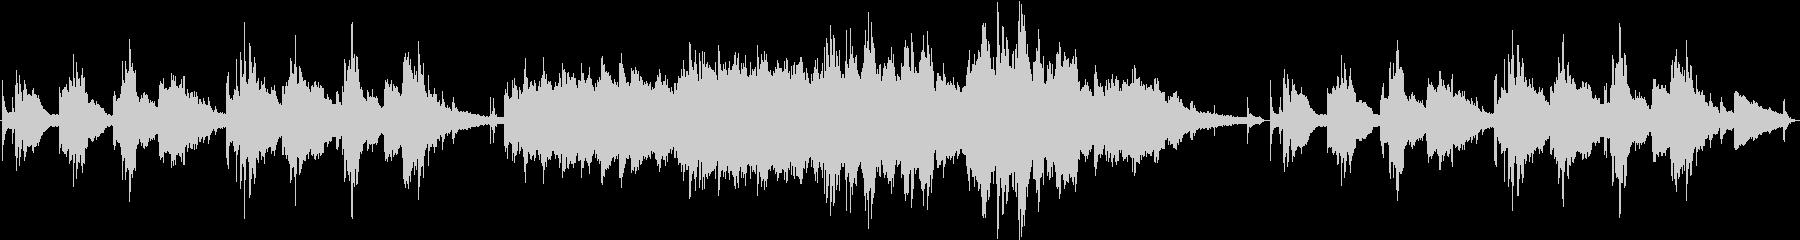 現代的 交響曲 クラシック 感情的...の未再生の波形